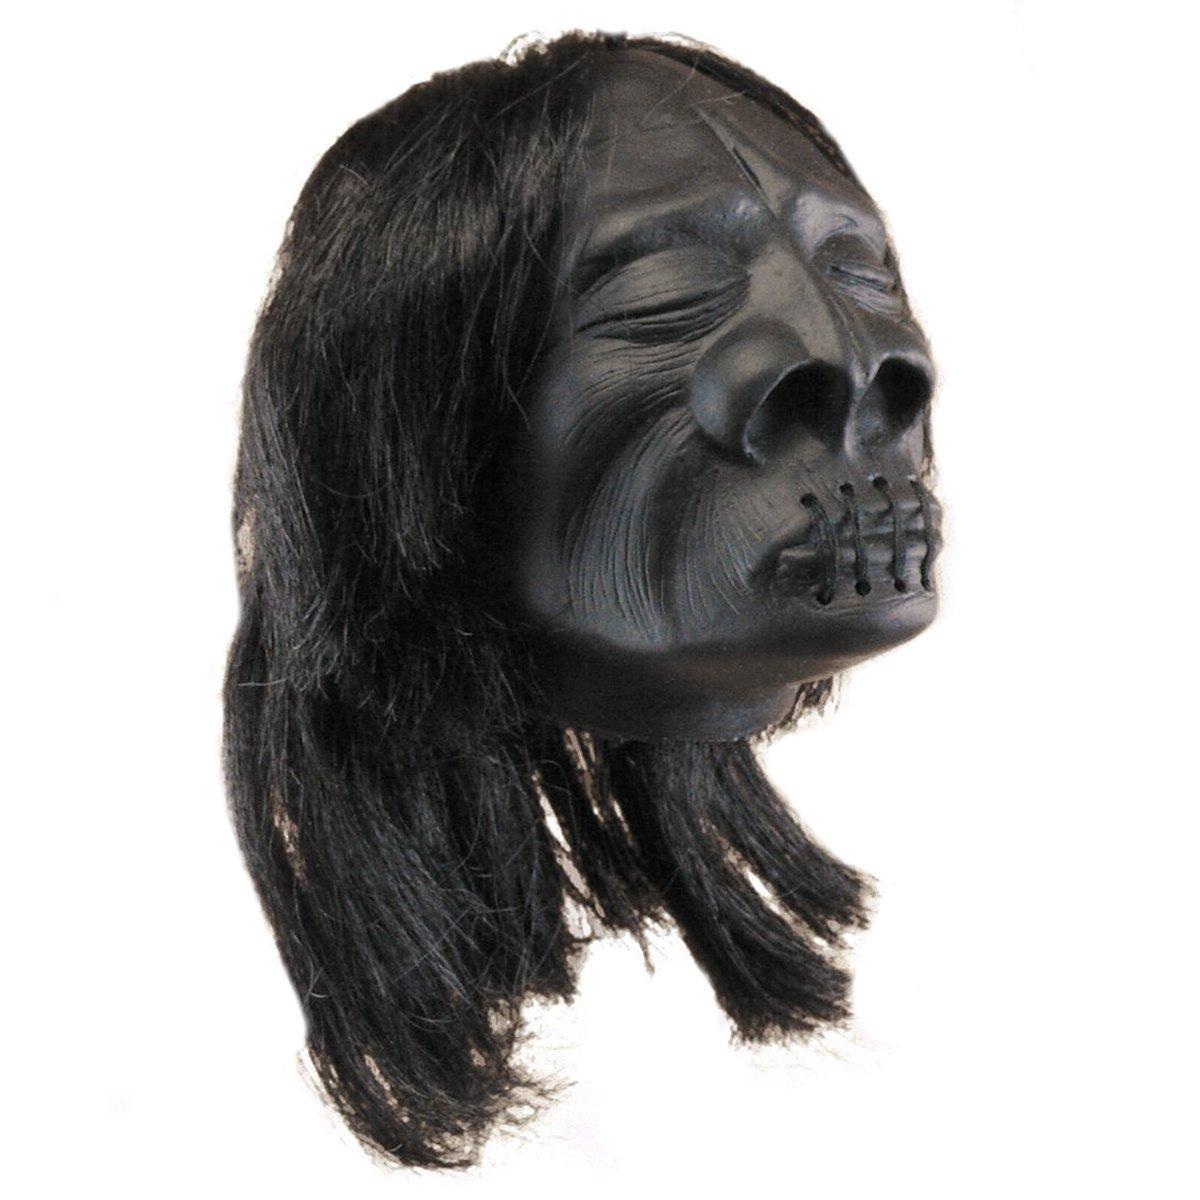 Mini Shrunken Head